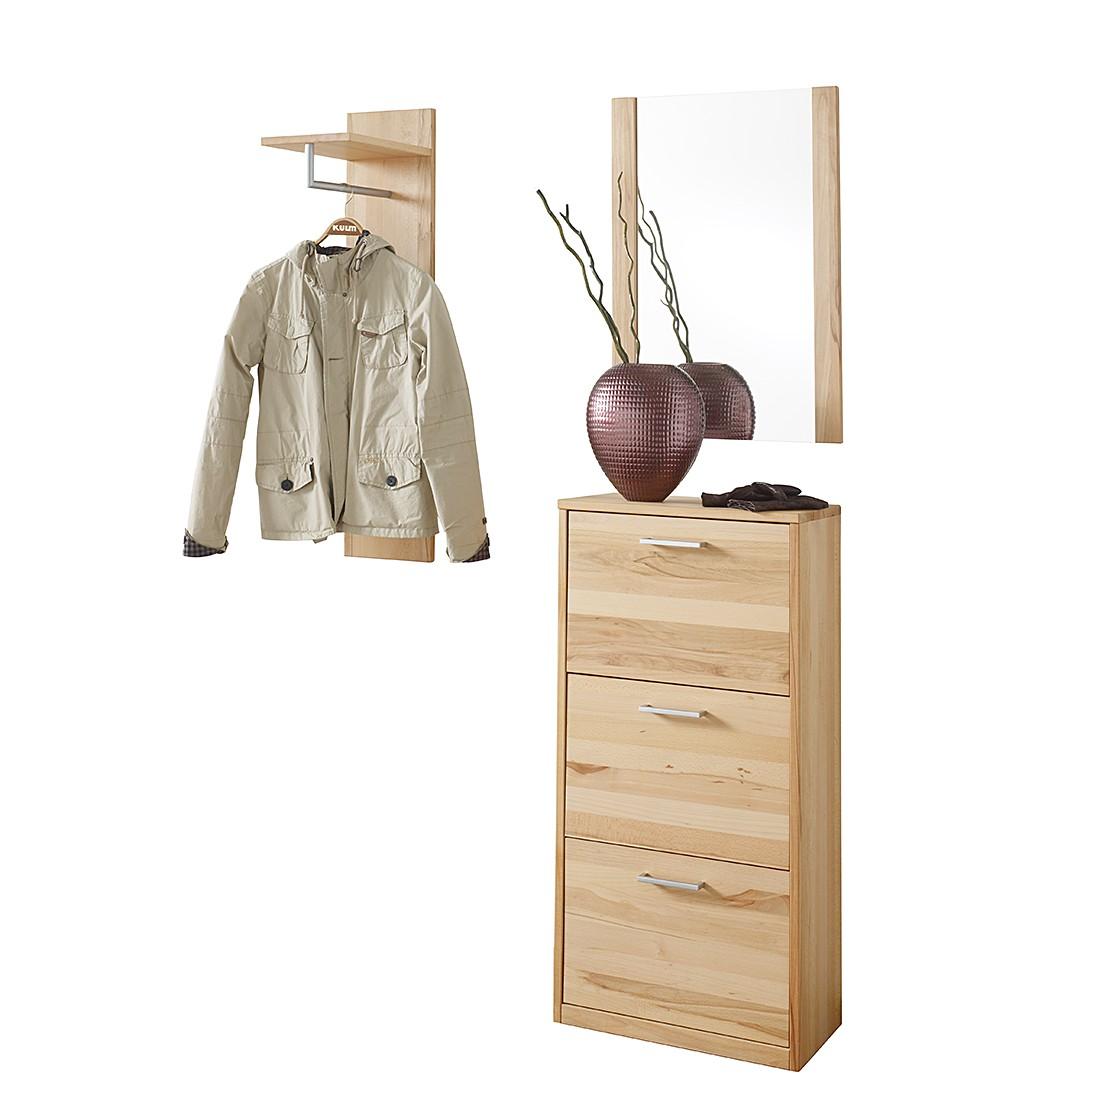 Garderobenset Woodfull V (3-teilig) - Kernbuche massiv - geölt